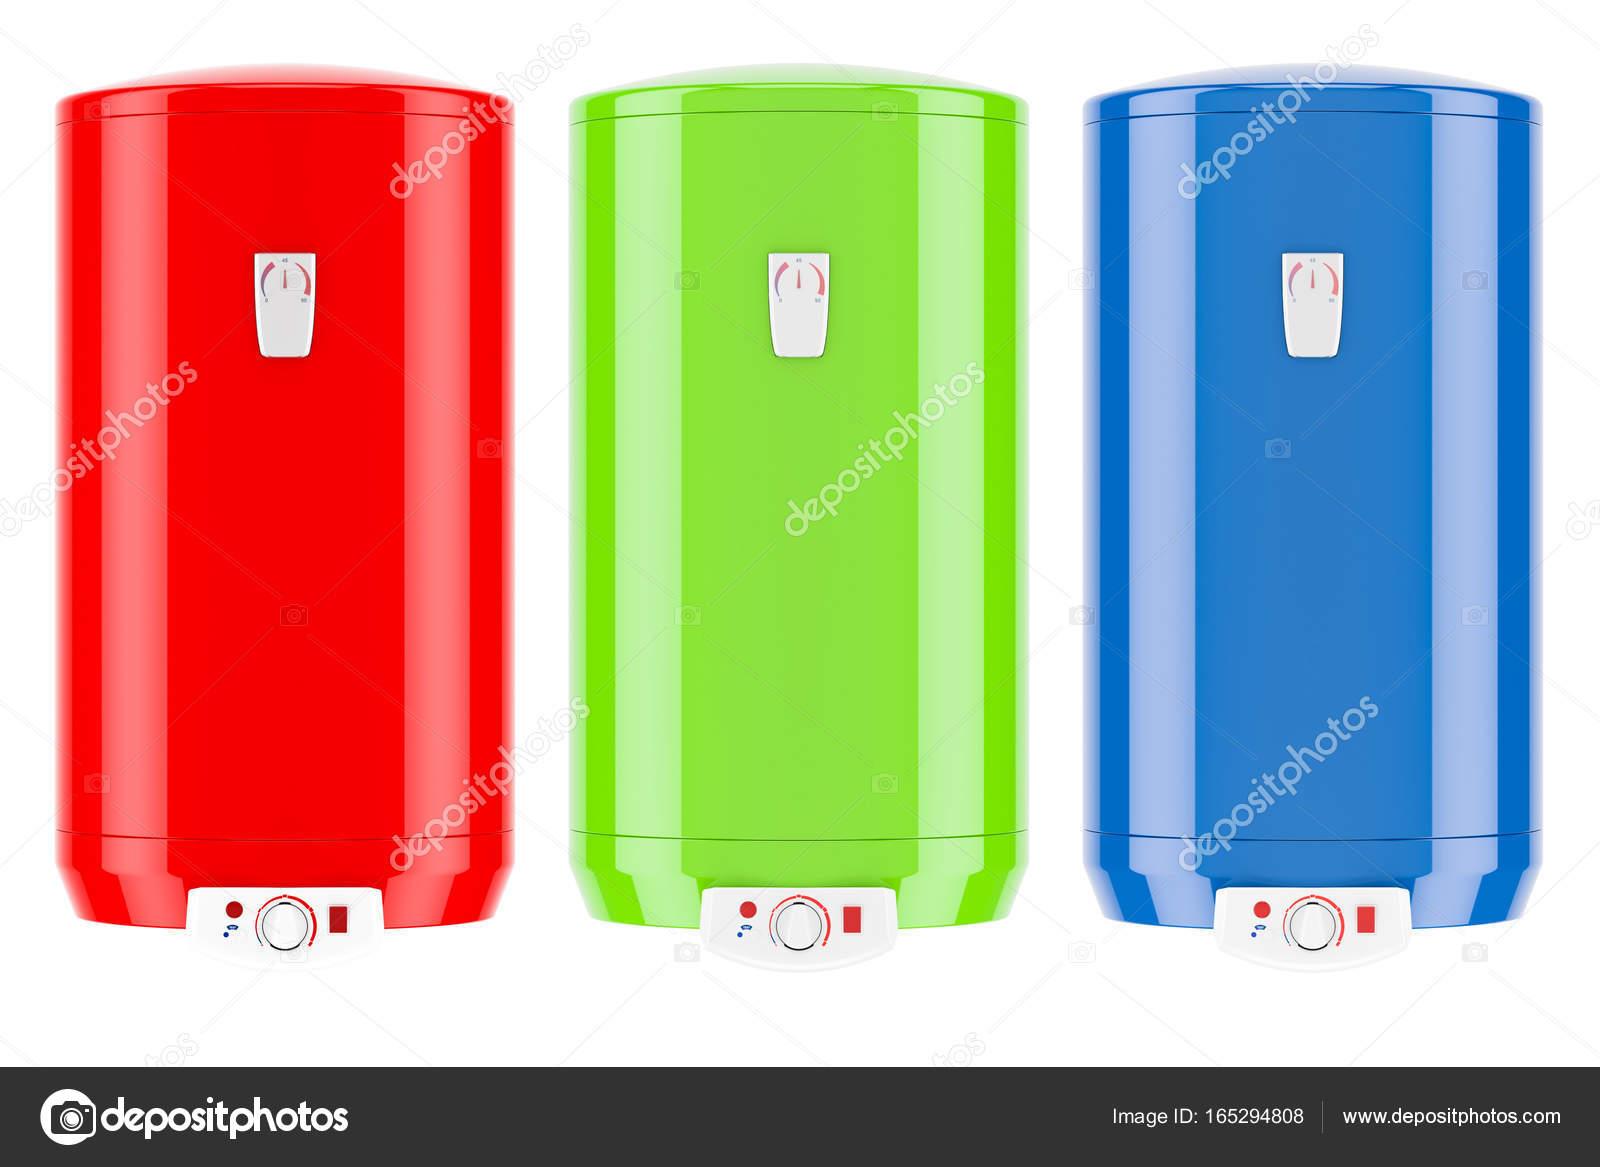 Reihe von farbigen elektrische Warmwasserbereiter oder Kessel, 3D ...